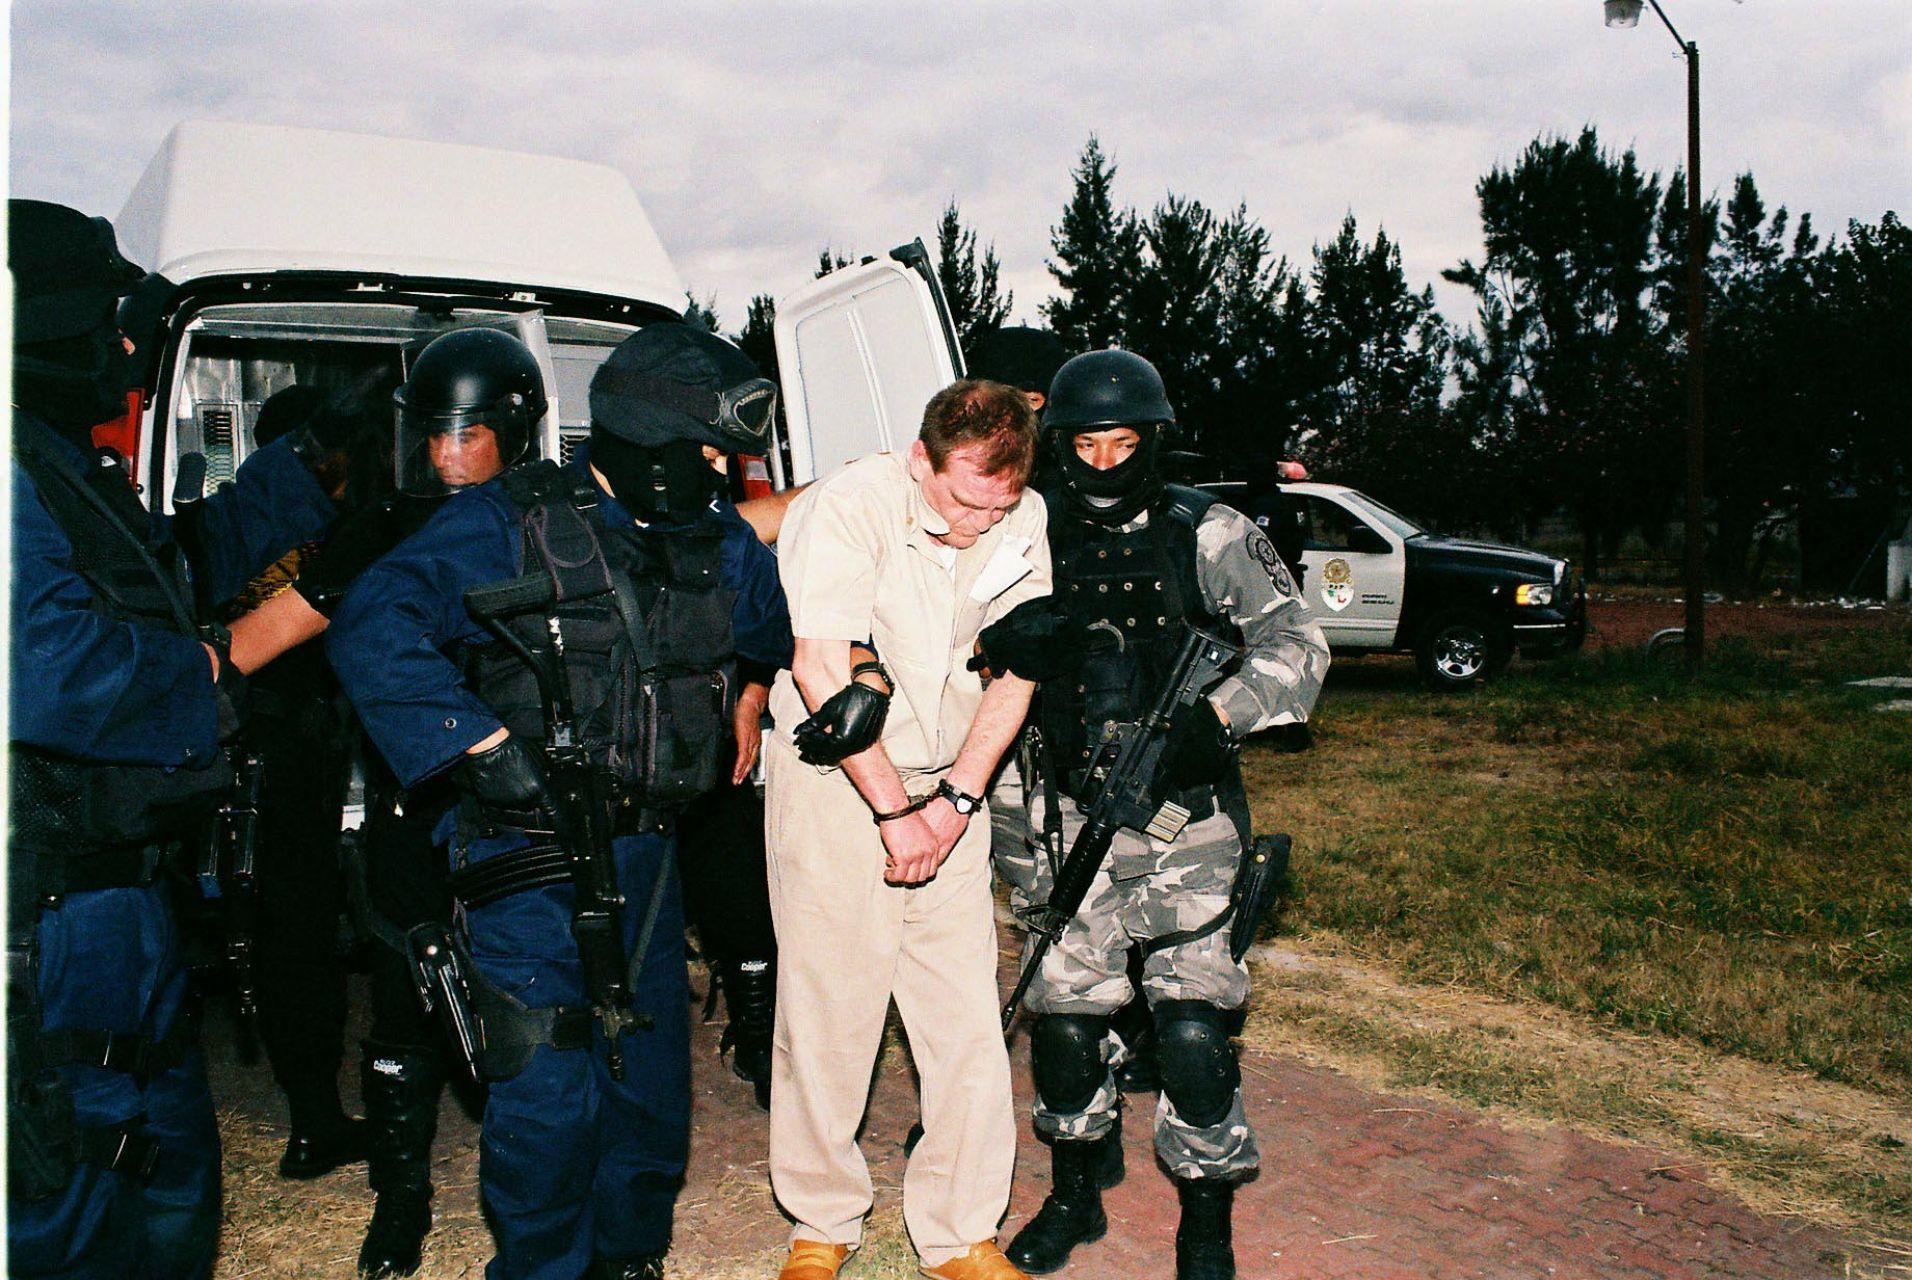 ALMOLOYA DE JUAREZ 19ENERO2007.- Nueve de los principales narcotraficantes fueron extraditados a los Estados Unidos. El capo del ¨cártel de Sinaloa¨  Héctor ¨Guero`Palma , fue escoltado por personal de la PGR y PFP.FOTO: PGR/CUARTOSCURO.COM